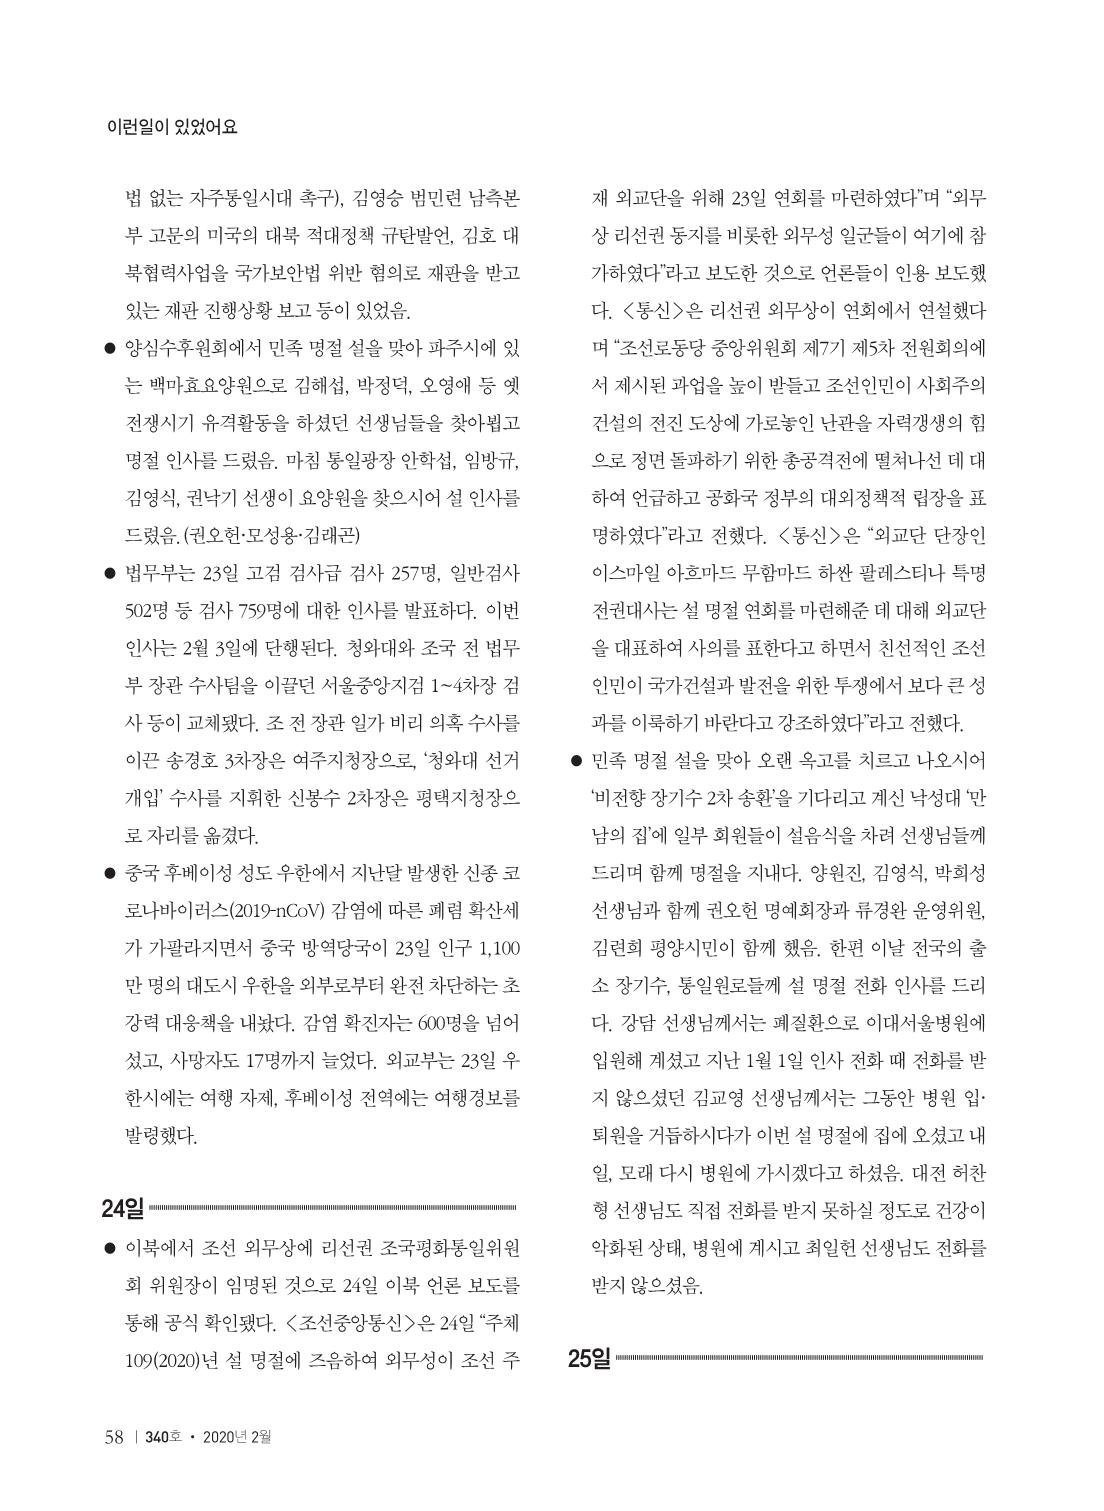 c3a550e7-2d95-46c0-bdec-64c56104ebf4.pdf-0060.png